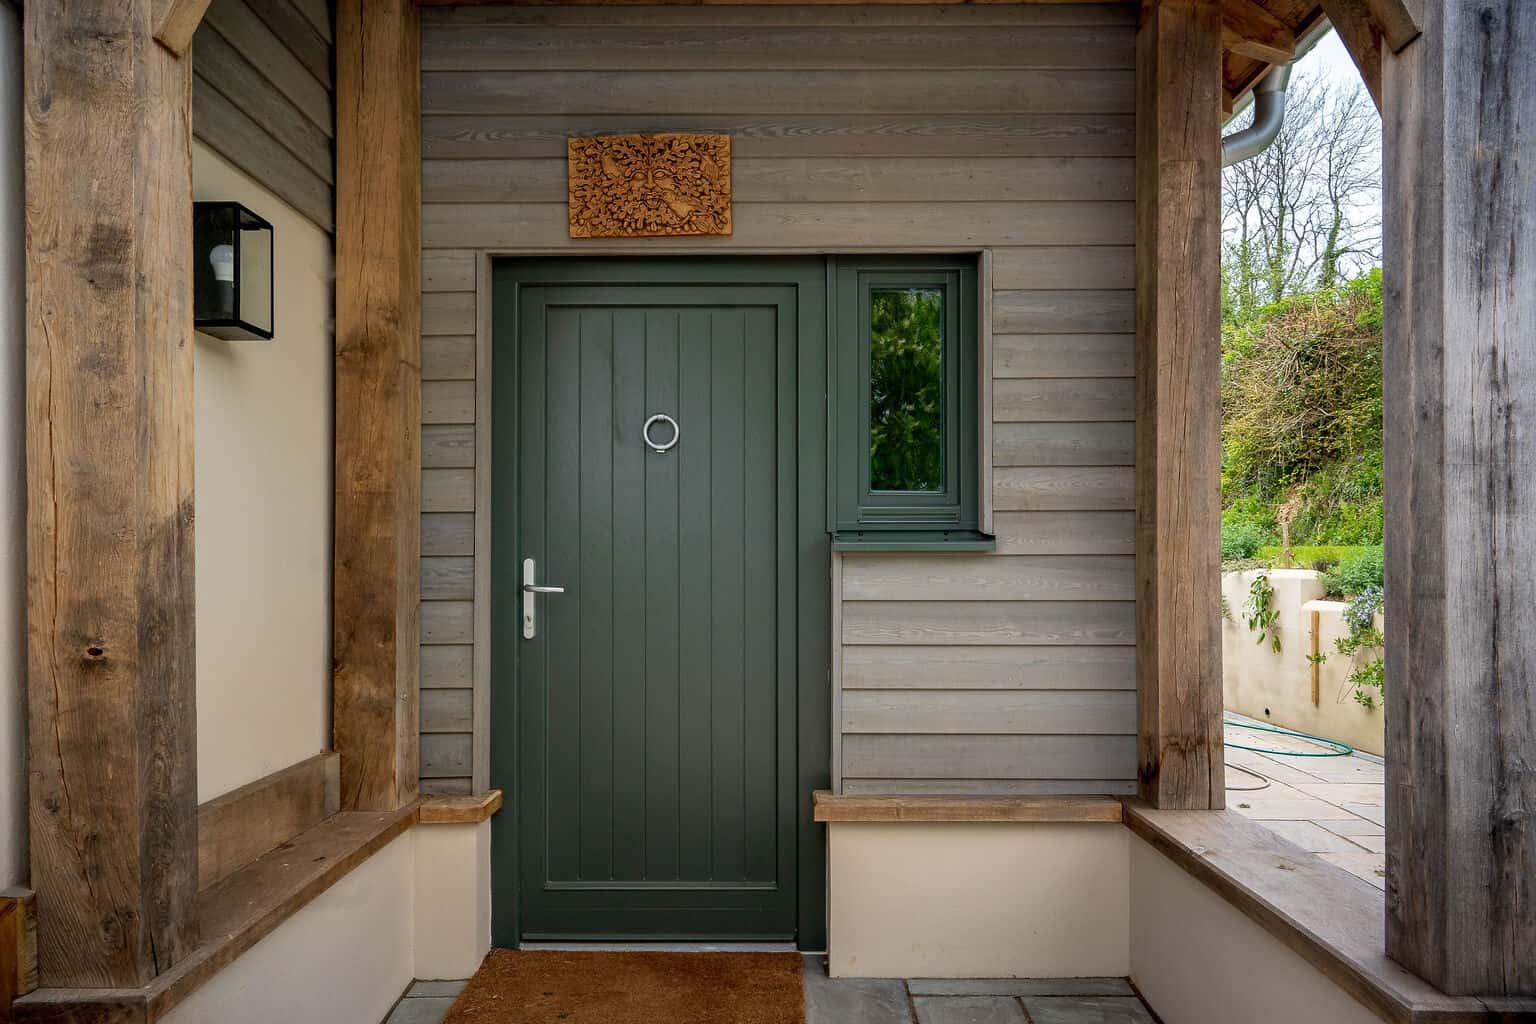 ULTRA triple glazed timber window and entrance door at oak frame newbuild Devon